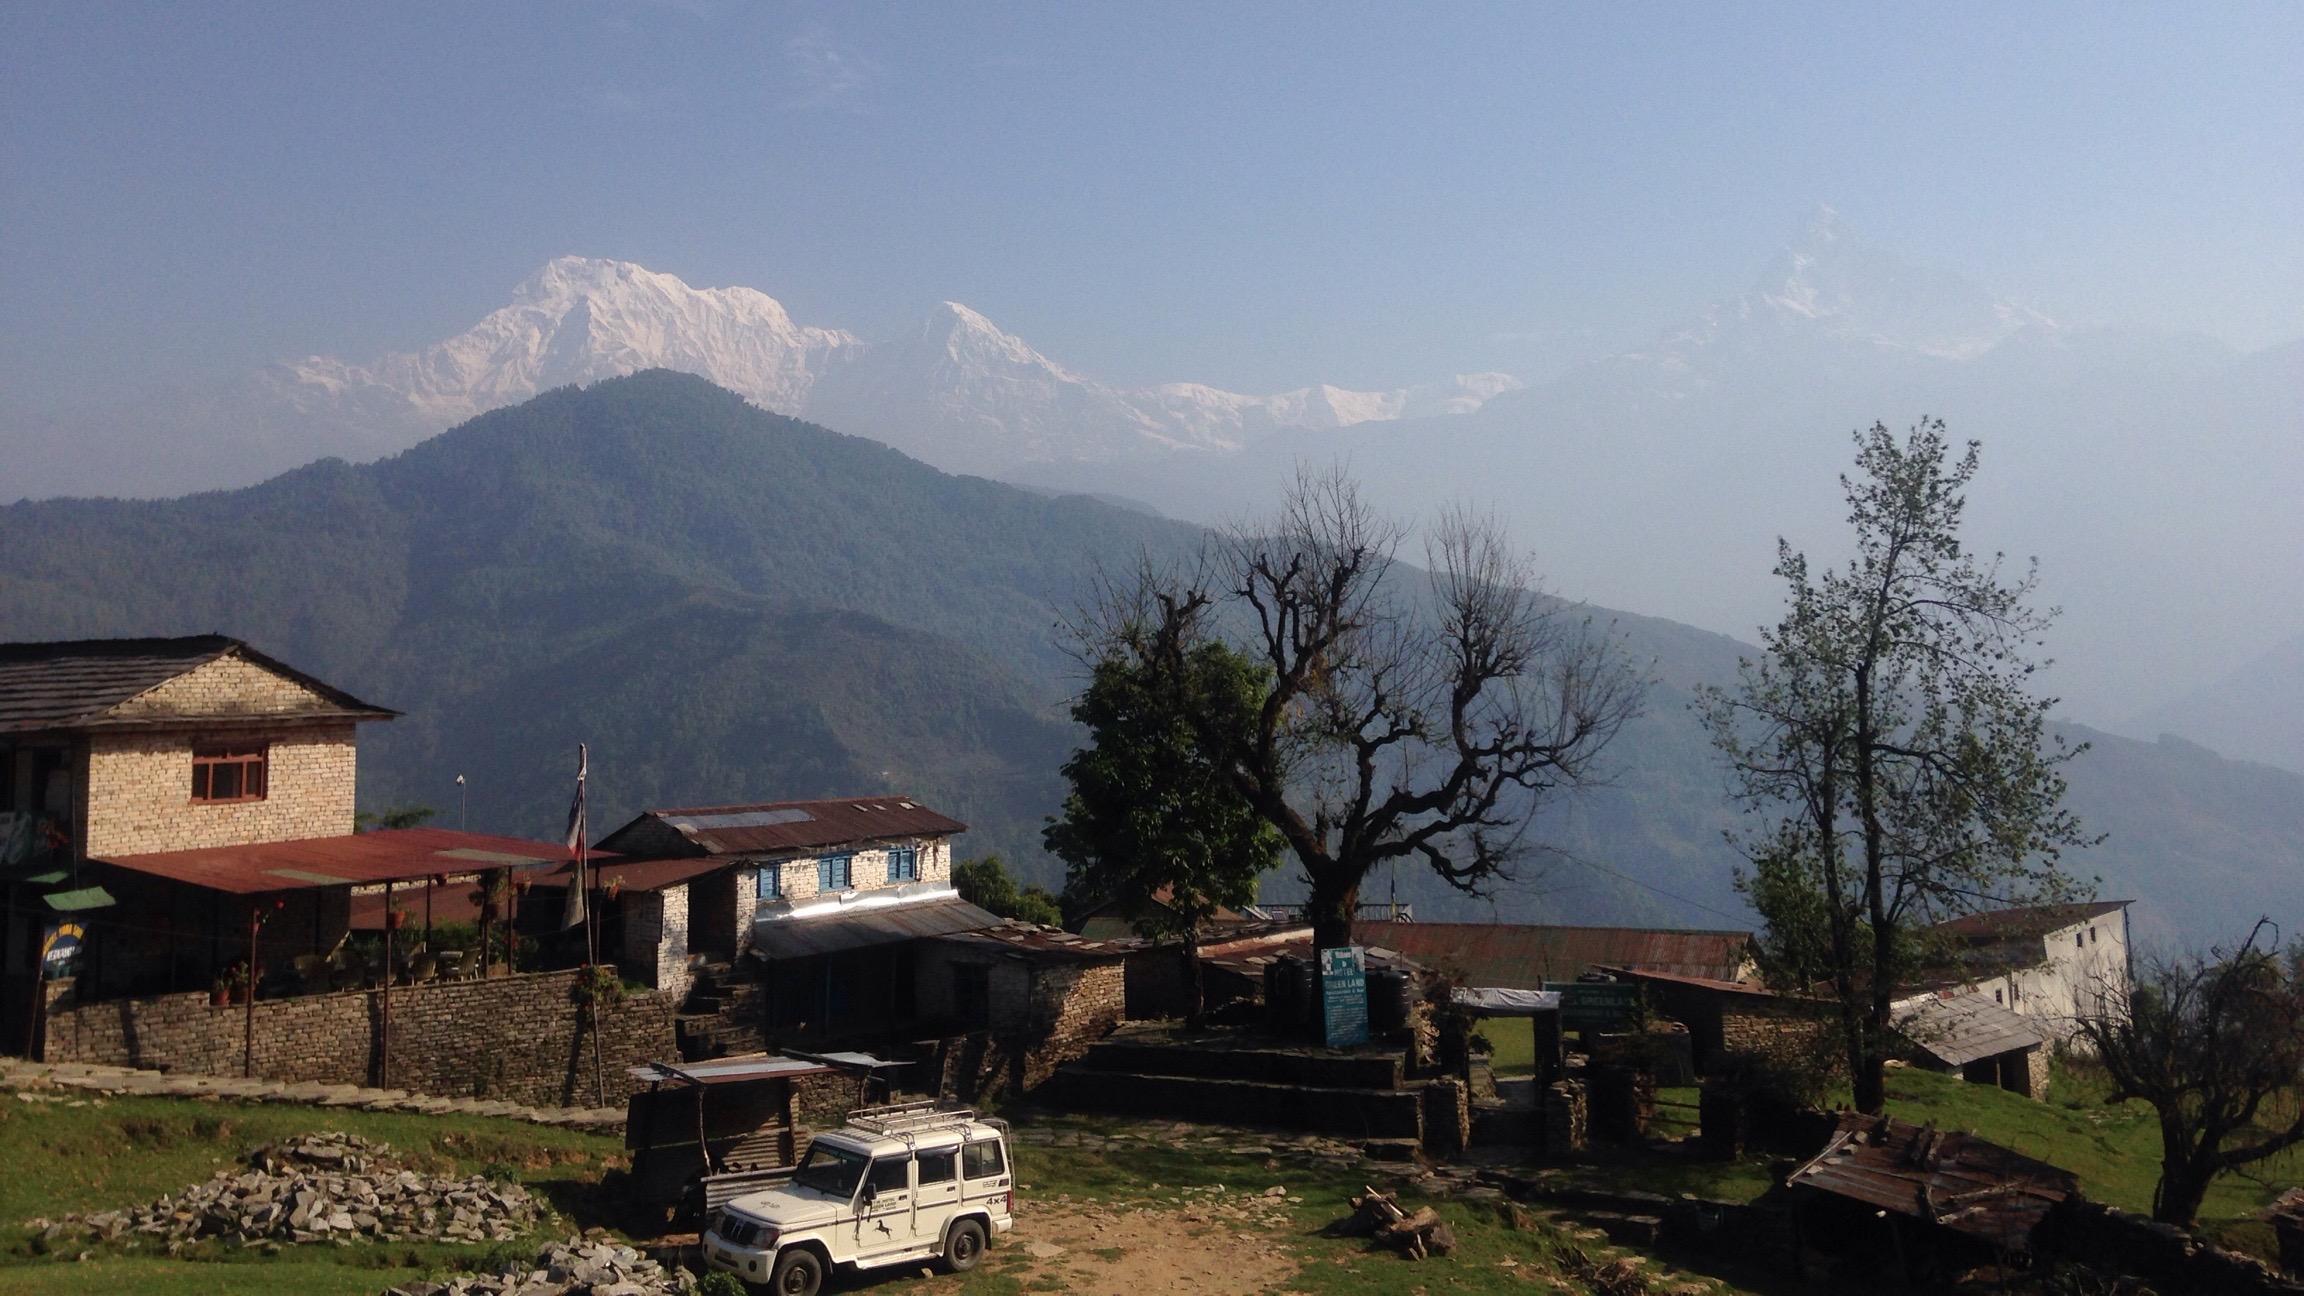 ダンプス トレッキング 小学校 ポカラ ネパール 世界一周 旅 ブログ バイク アンナプルナ ダンプス 綺麗